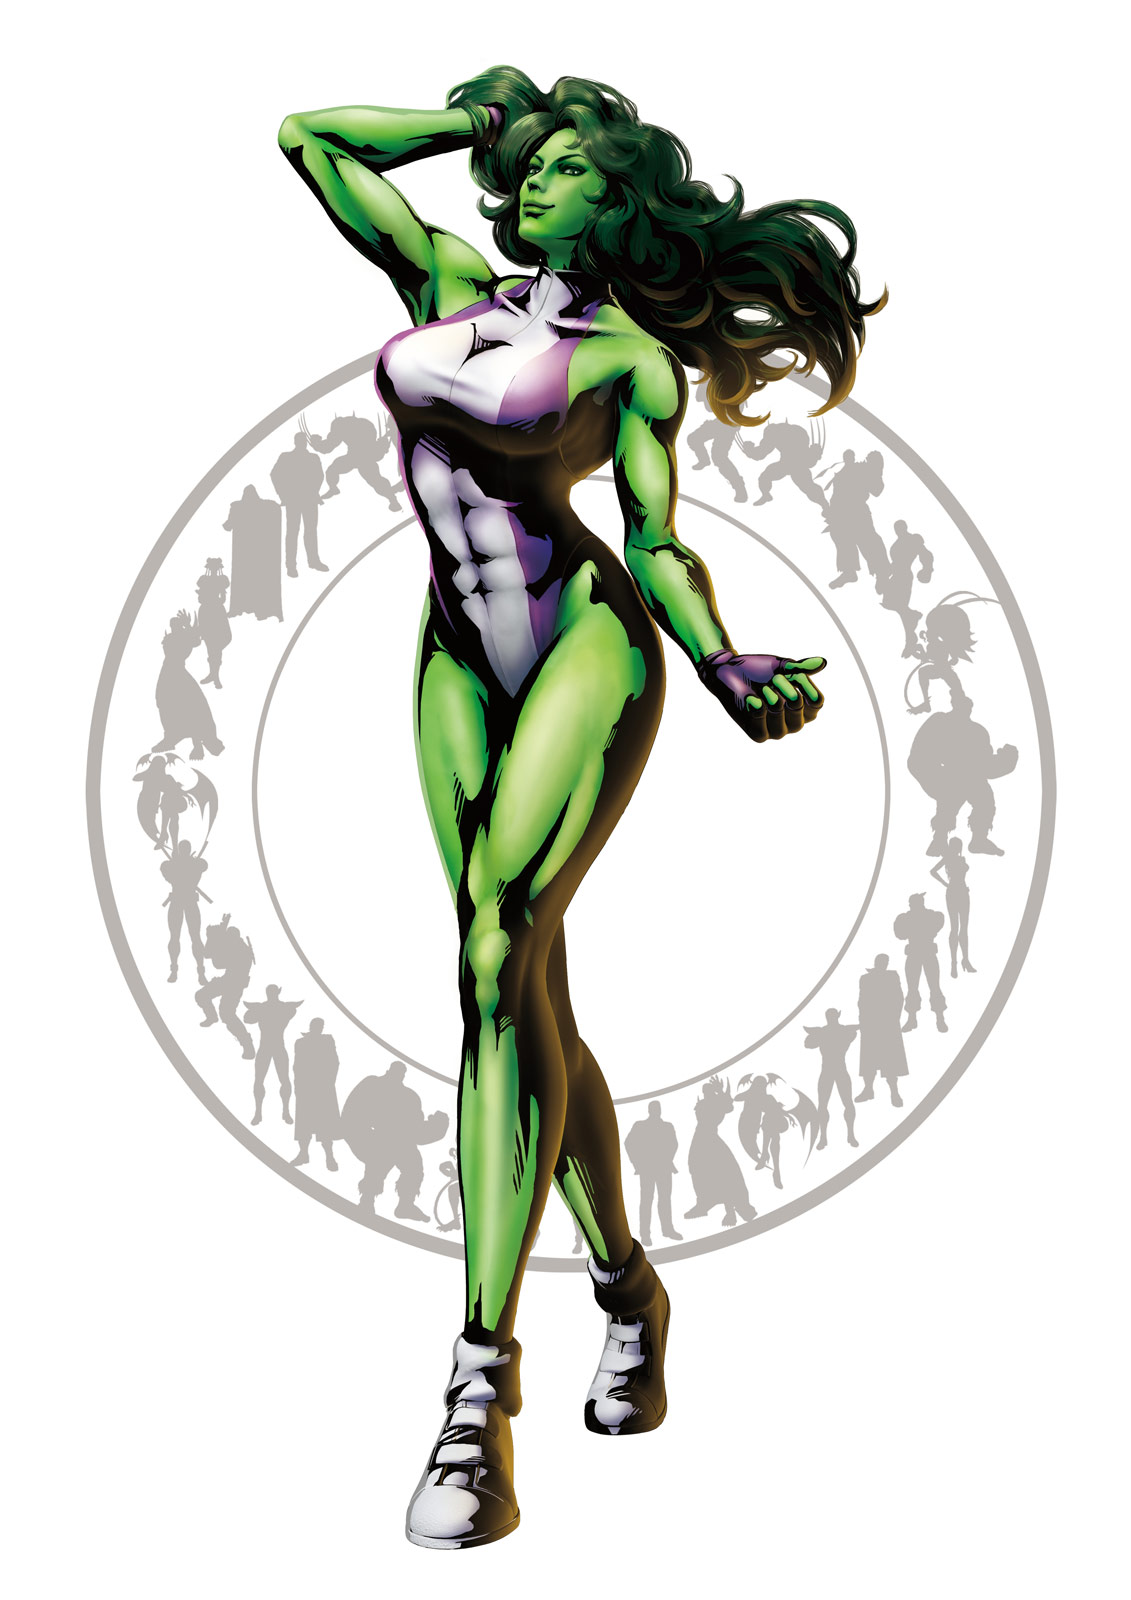 Official She-Hulk artwork for Marvel vs. Capcom 3